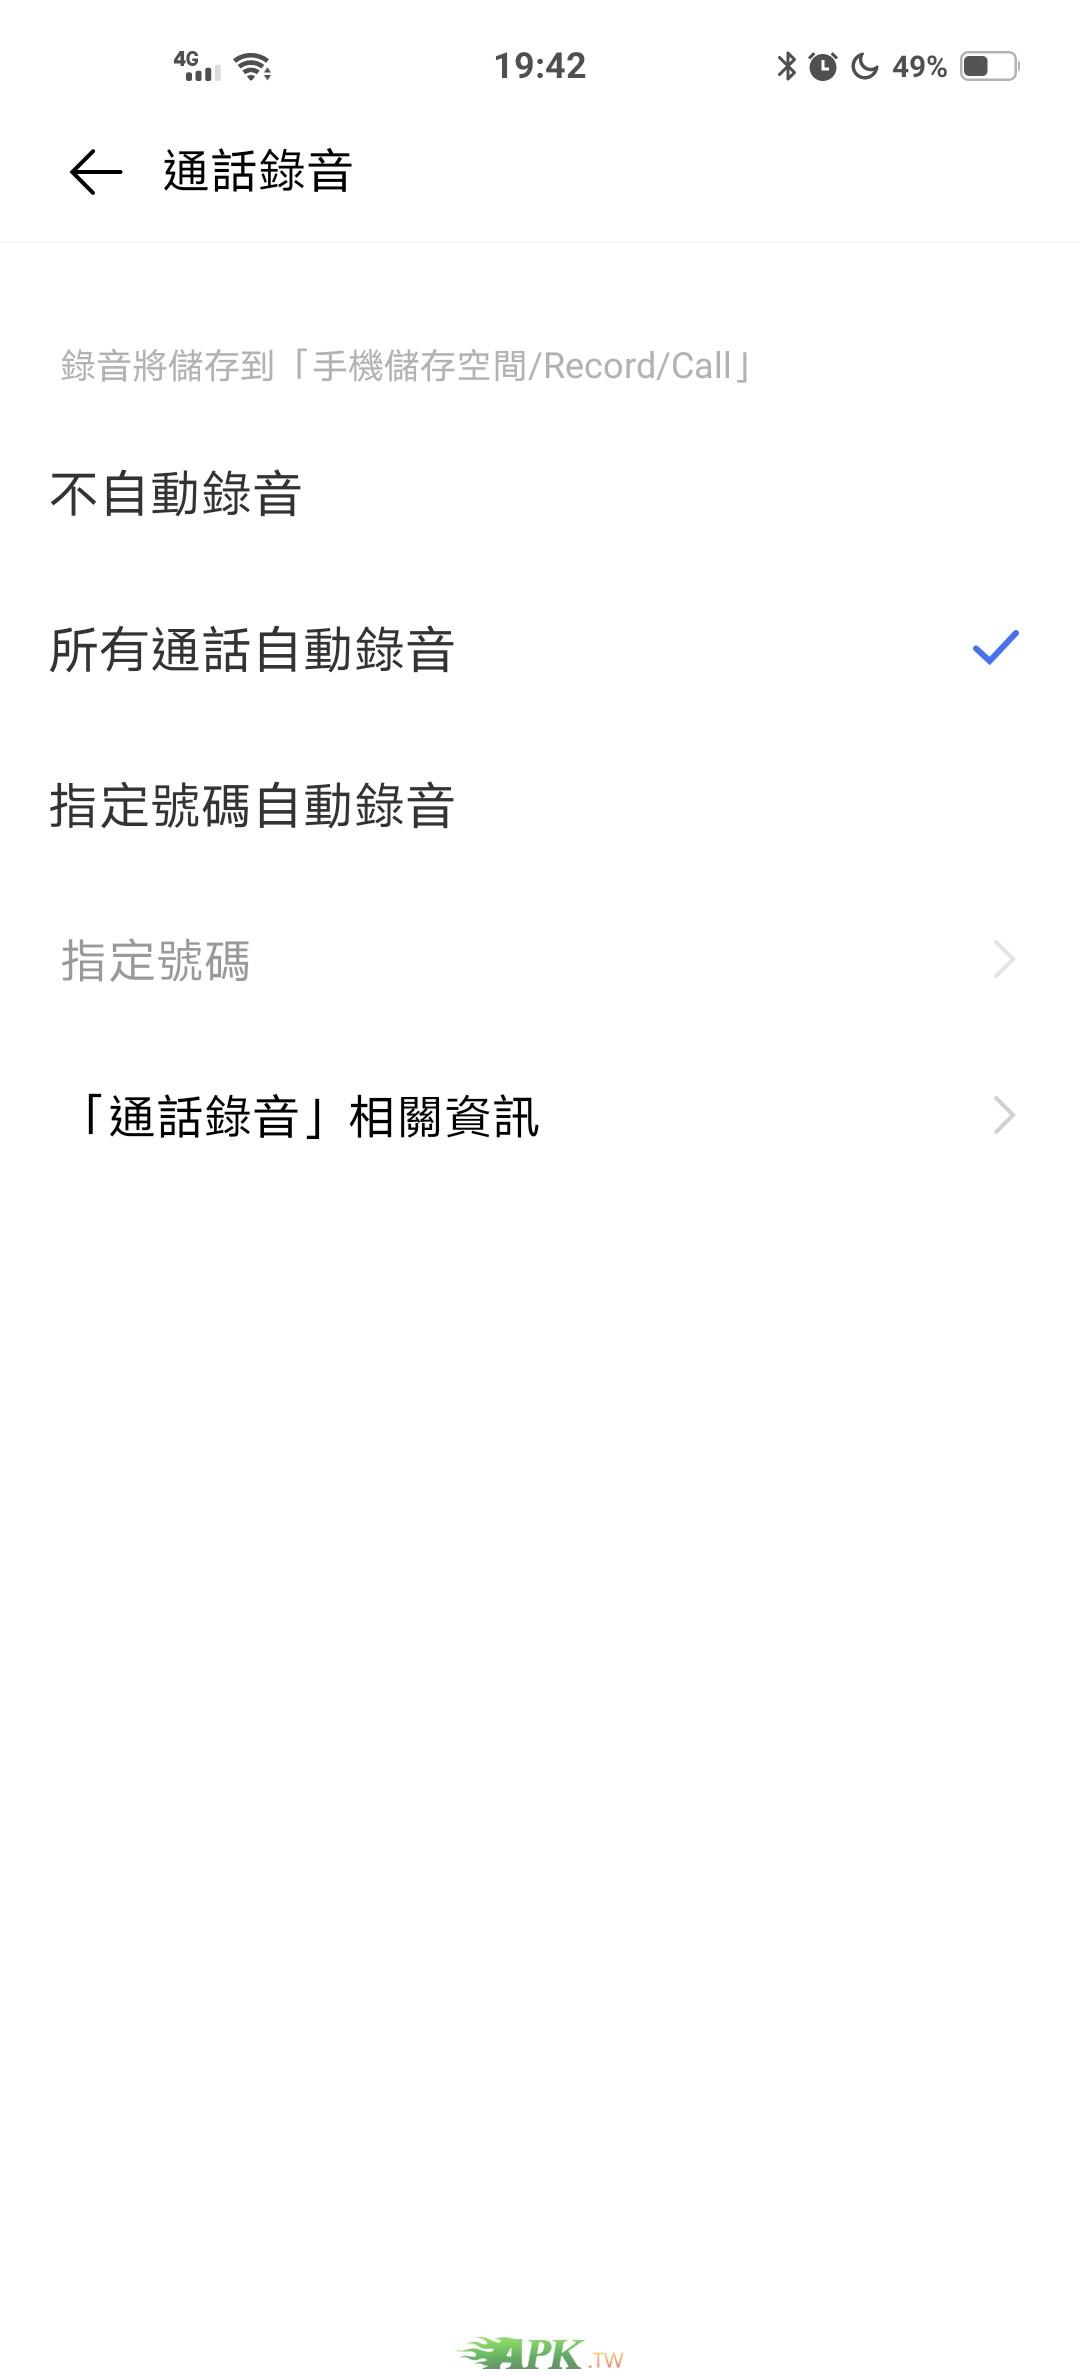 Screenshot_20201203_194231.jpg